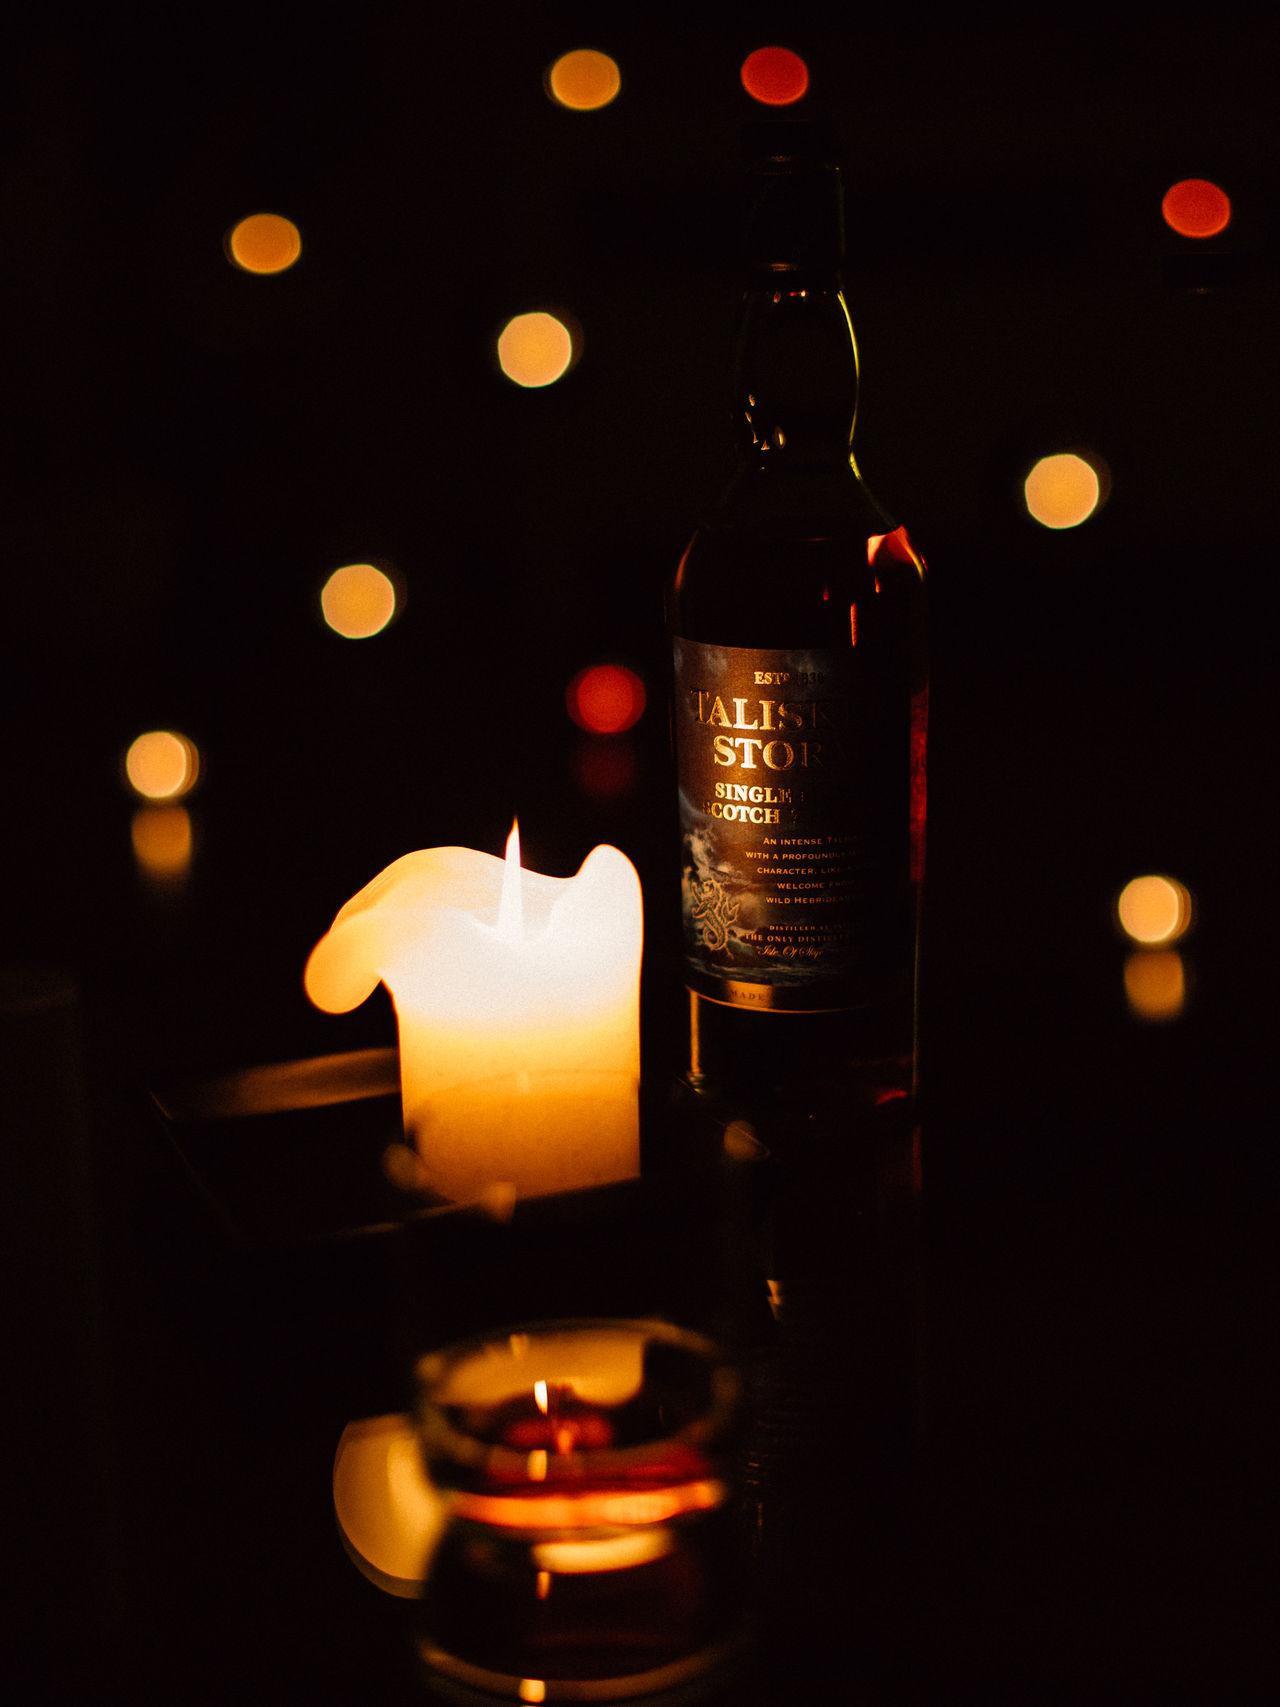 Burning Candle Celebration Close-up Evening Flame Glowing Illuminated Indoors  Mood Night No People Product Photography Productphotography Talisker Talisker Distillery Talisker Storm Talisker Whisk Talisker Whiskey Taliskerstorm Taliskerwhiskey Tea Light Whiskey Whisky